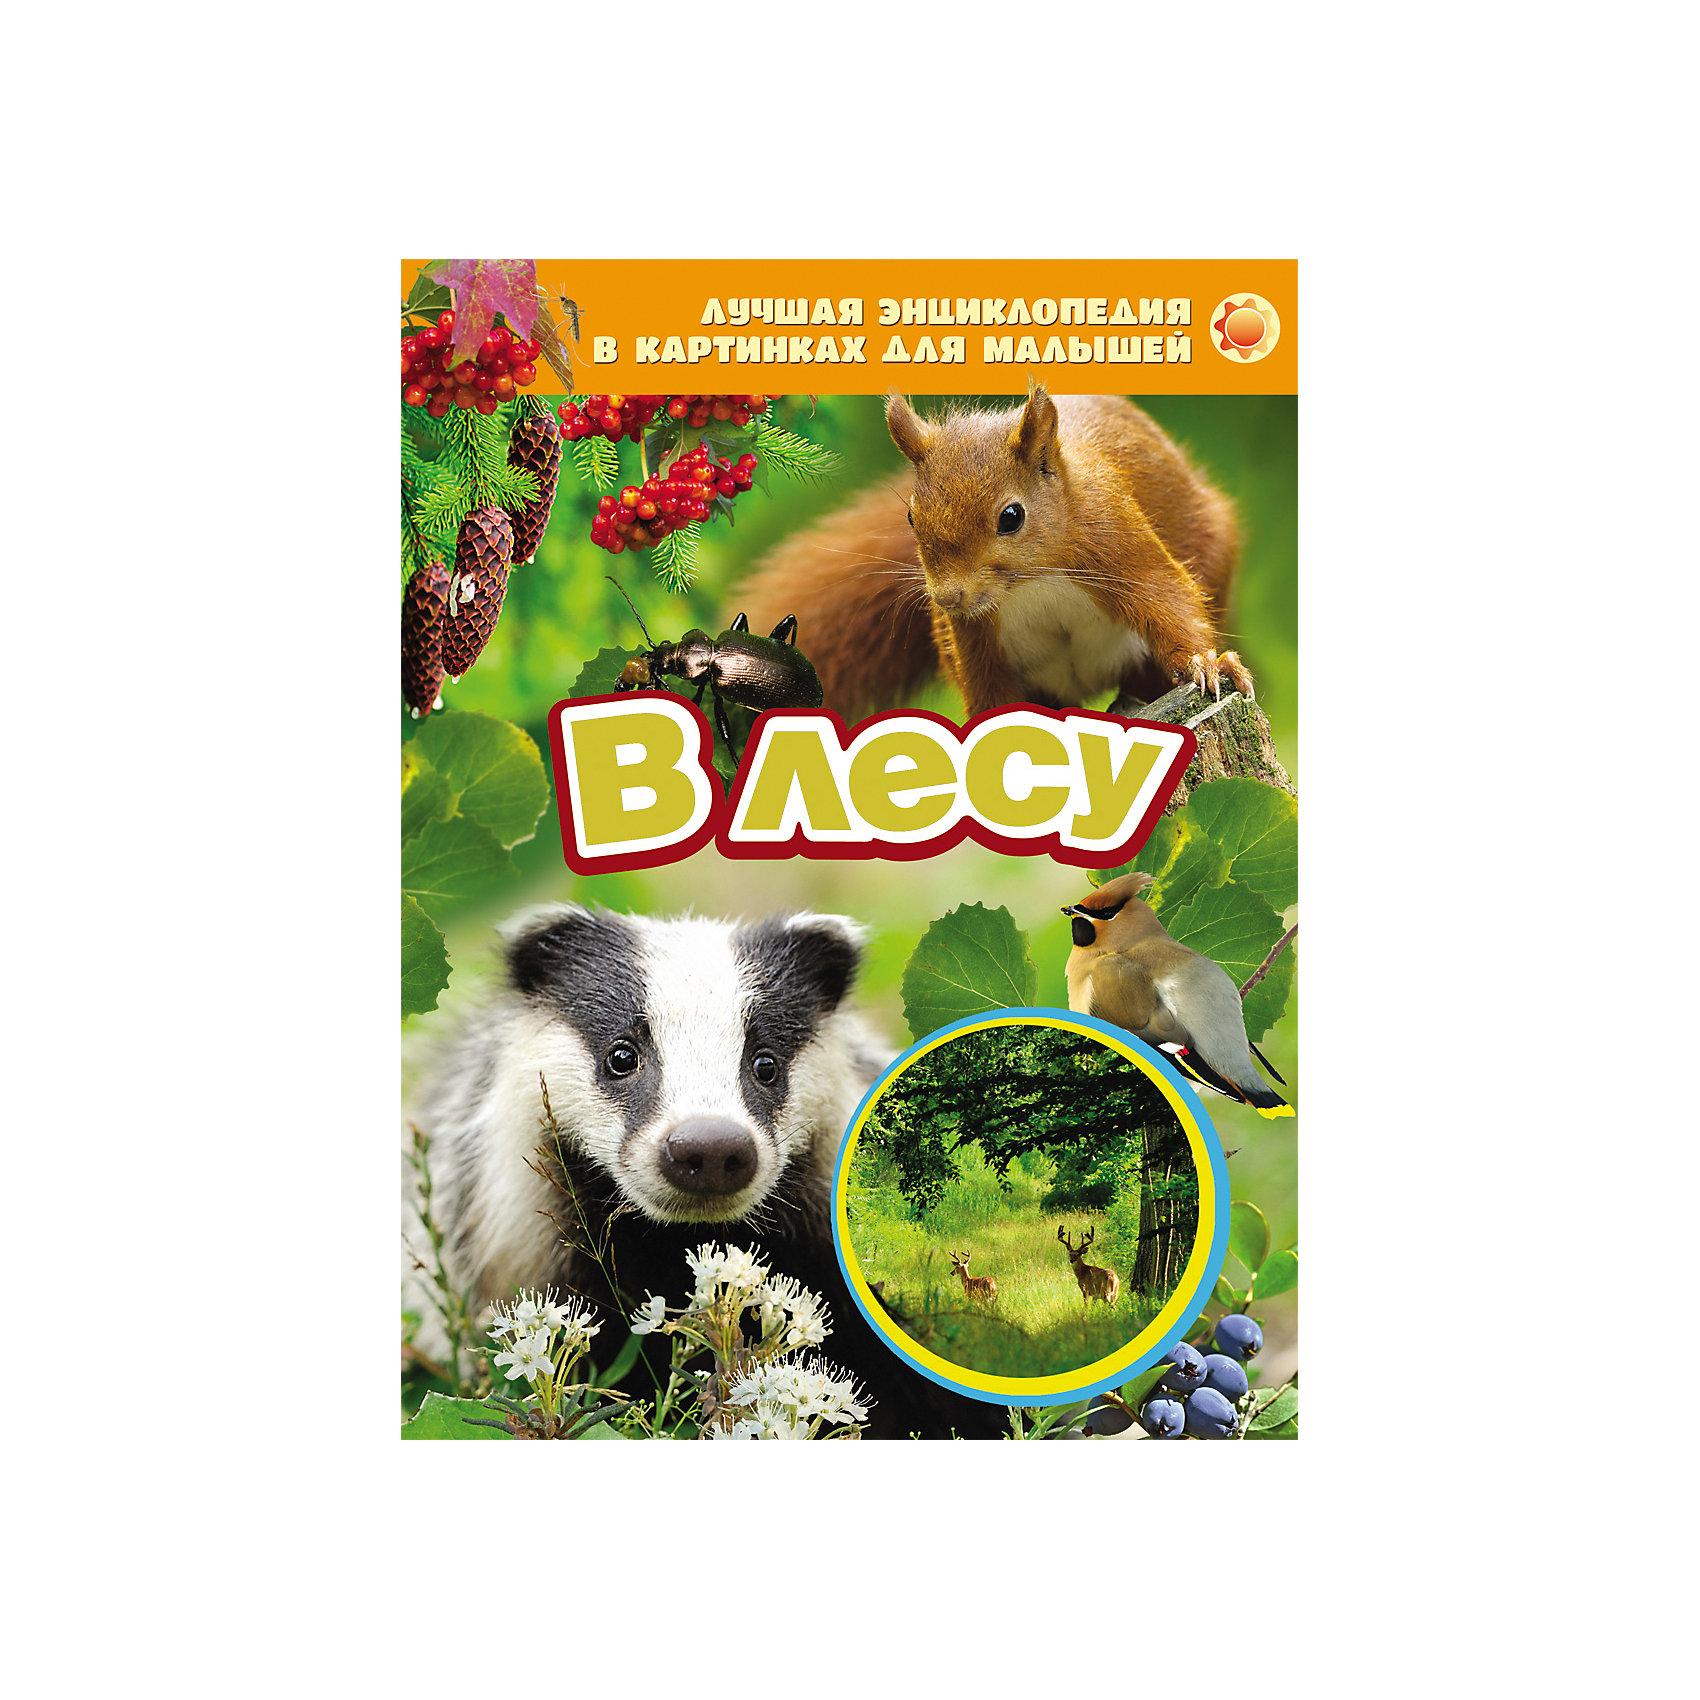 В лесуЭнциклопедии о животных<br>Характеристики товара:<br><br>- цвет: разноцветный;<br>- материал: бумага;<br>- страниц: 24;<br>- формат: 20 х 26 см;<br>- обложка: твердая;<br>- цветные иллюстрации.<br><br>Эта интересная книга с иллюстрациями станет отличным подарком для ребенка. Она содержит в себе яркие фотографии, которые помогут малышам познакомиться со многими предметами из окружающего мира.<br>Чтение и рассматривание картинок даже в юном возрасте помогает ребенку развивать зрительную память, концентрацию внимания и воображение. Издание произведено из качественных материалов, которые безопасны даже для самых маленьких.<br><br>Энциклопедию в картинках для малышей В лесу от компании Росмэн можно купить в нашем интернет-магазине.<br><br>Ширина мм: 265<br>Глубина мм: 205<br>Высота мм: 7<br>Вес г: 291<br>Возраст от месяцев: 0<br>Возраст до месяцев: 36<br>Пол: Унисекс<br>Возраст: Детский<br>SKU: 5109954